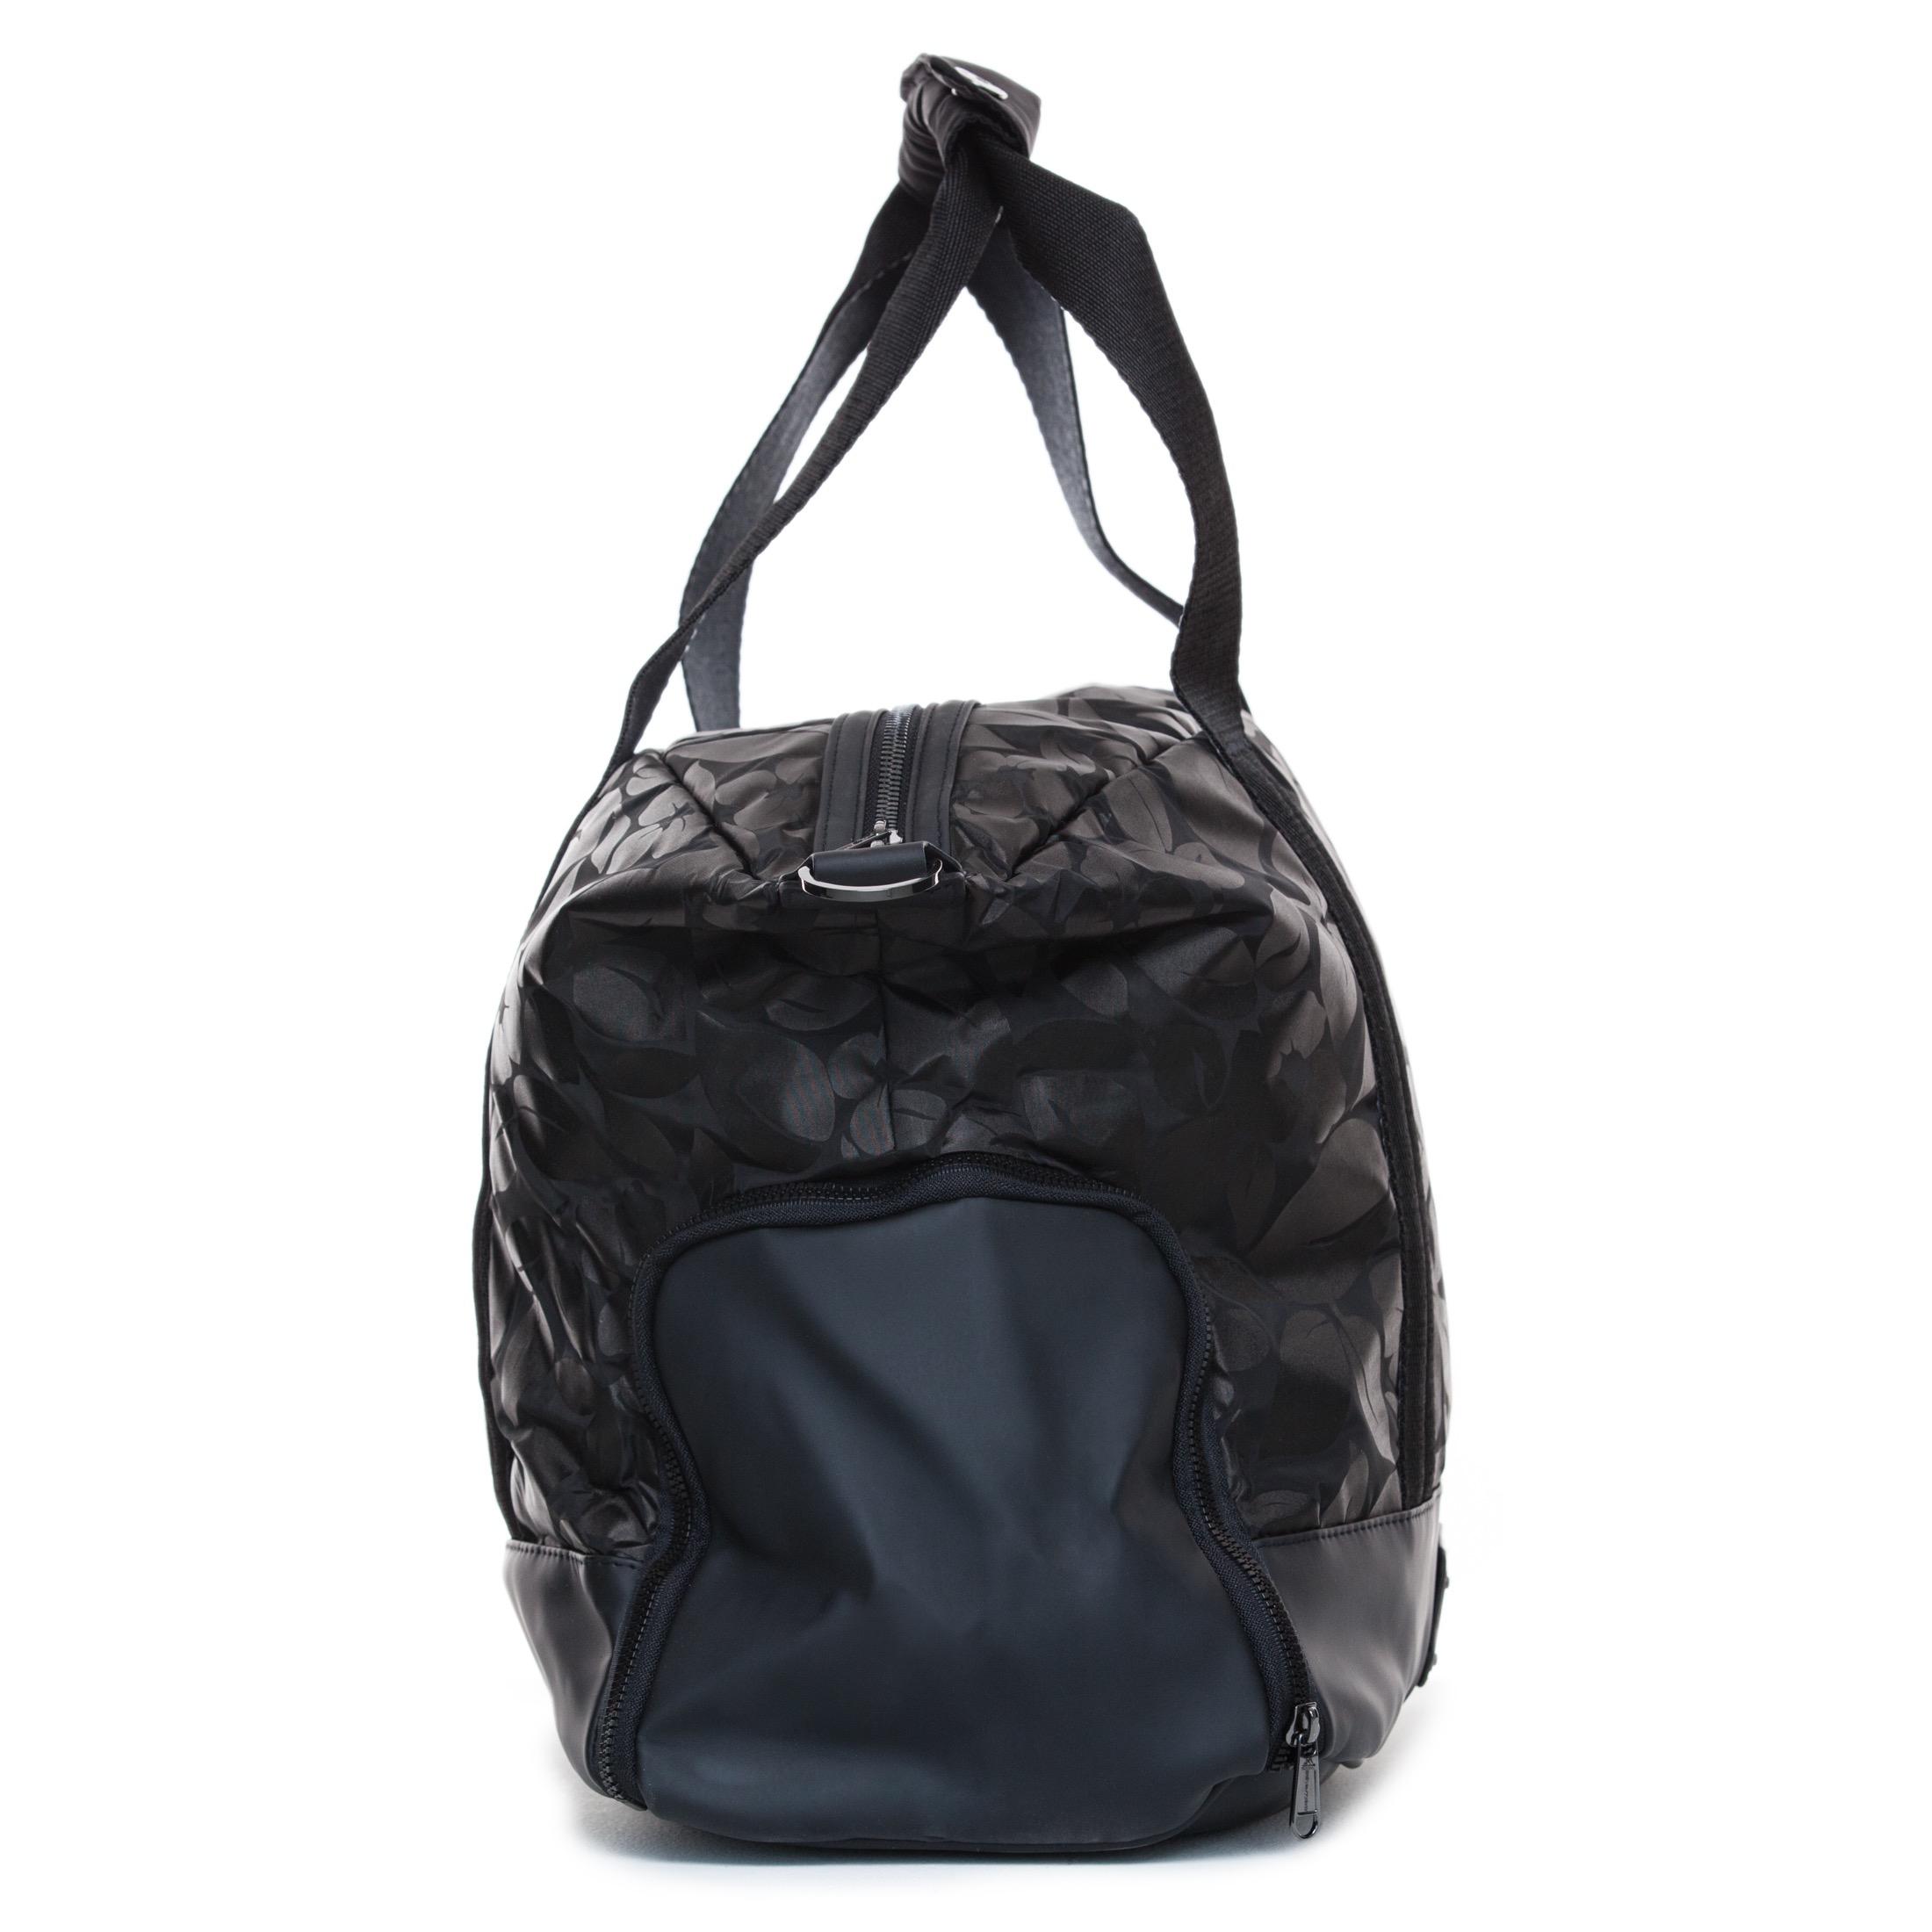 Gym Bag Jim Kidd: Adidas By Stella Mccartney Small Gym Bag In Black